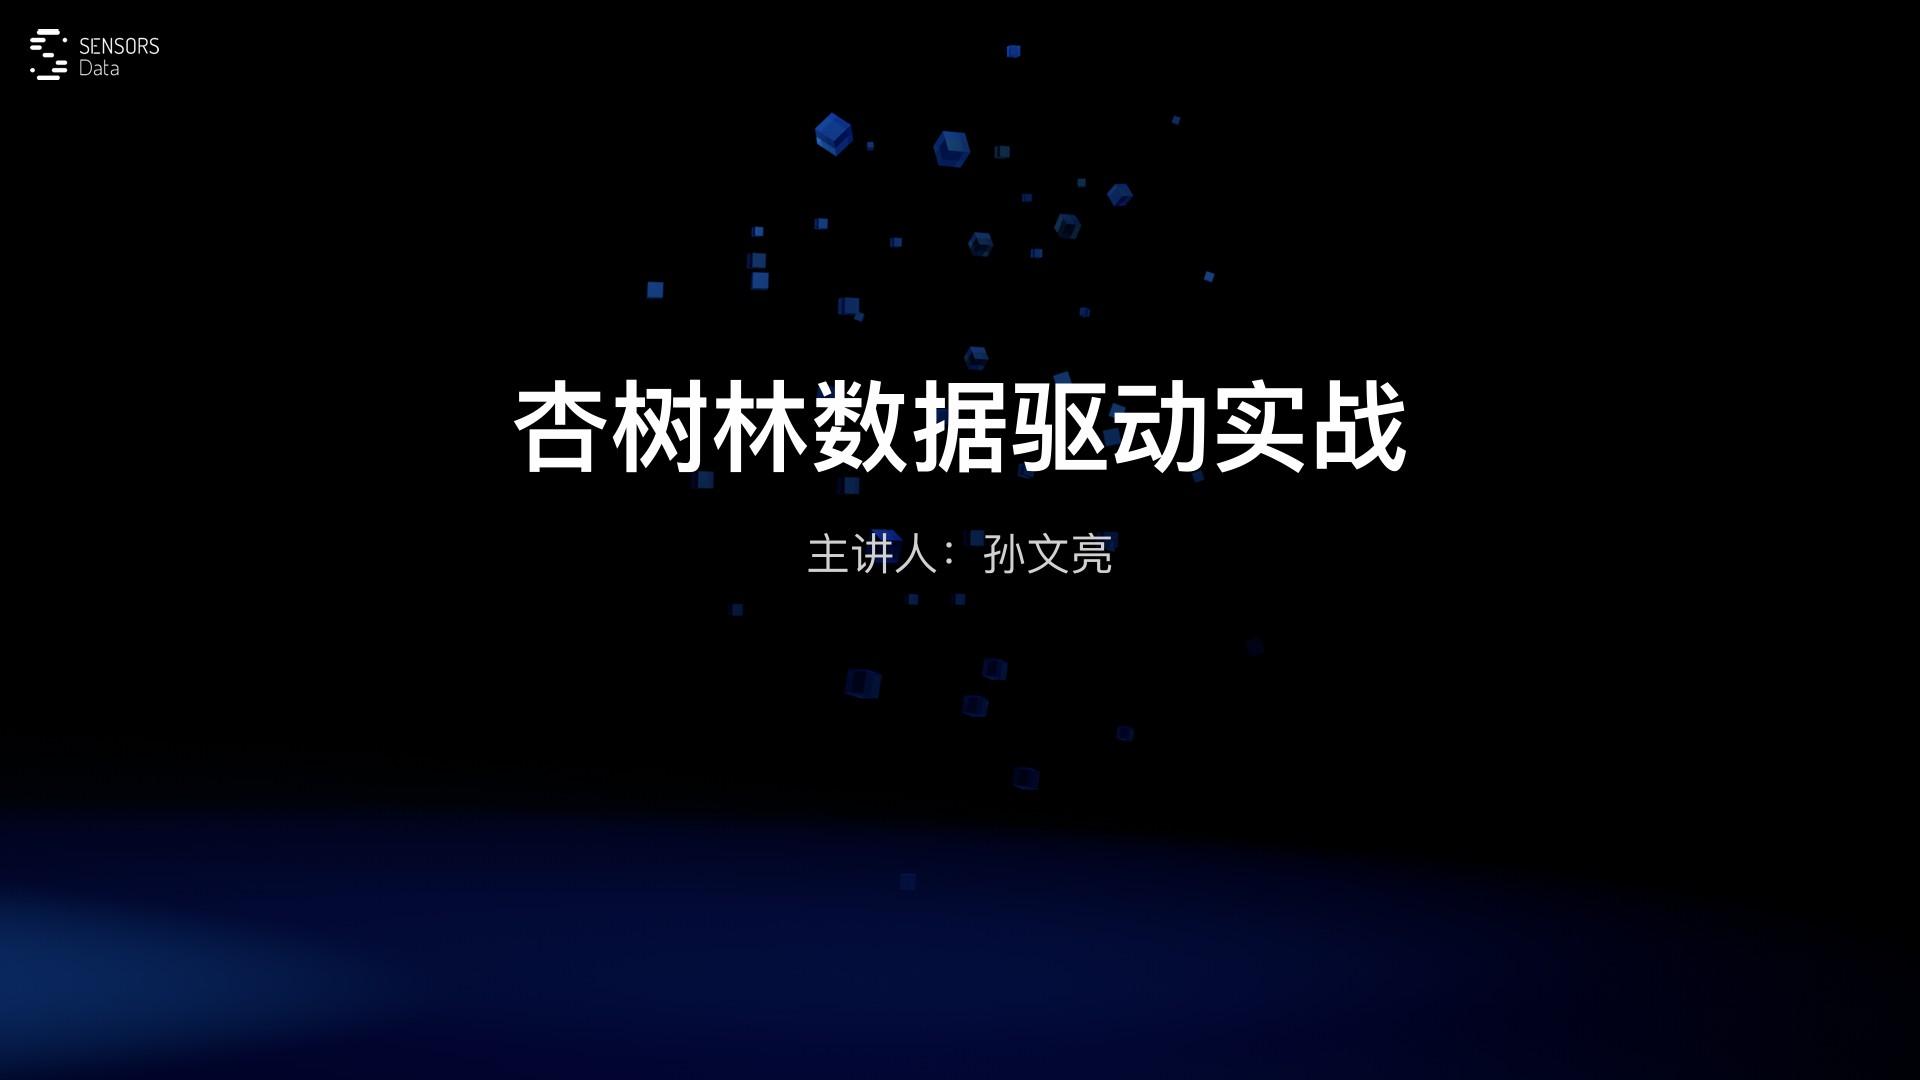 孙文亮-杏树林 在线医疗数据驱动实战